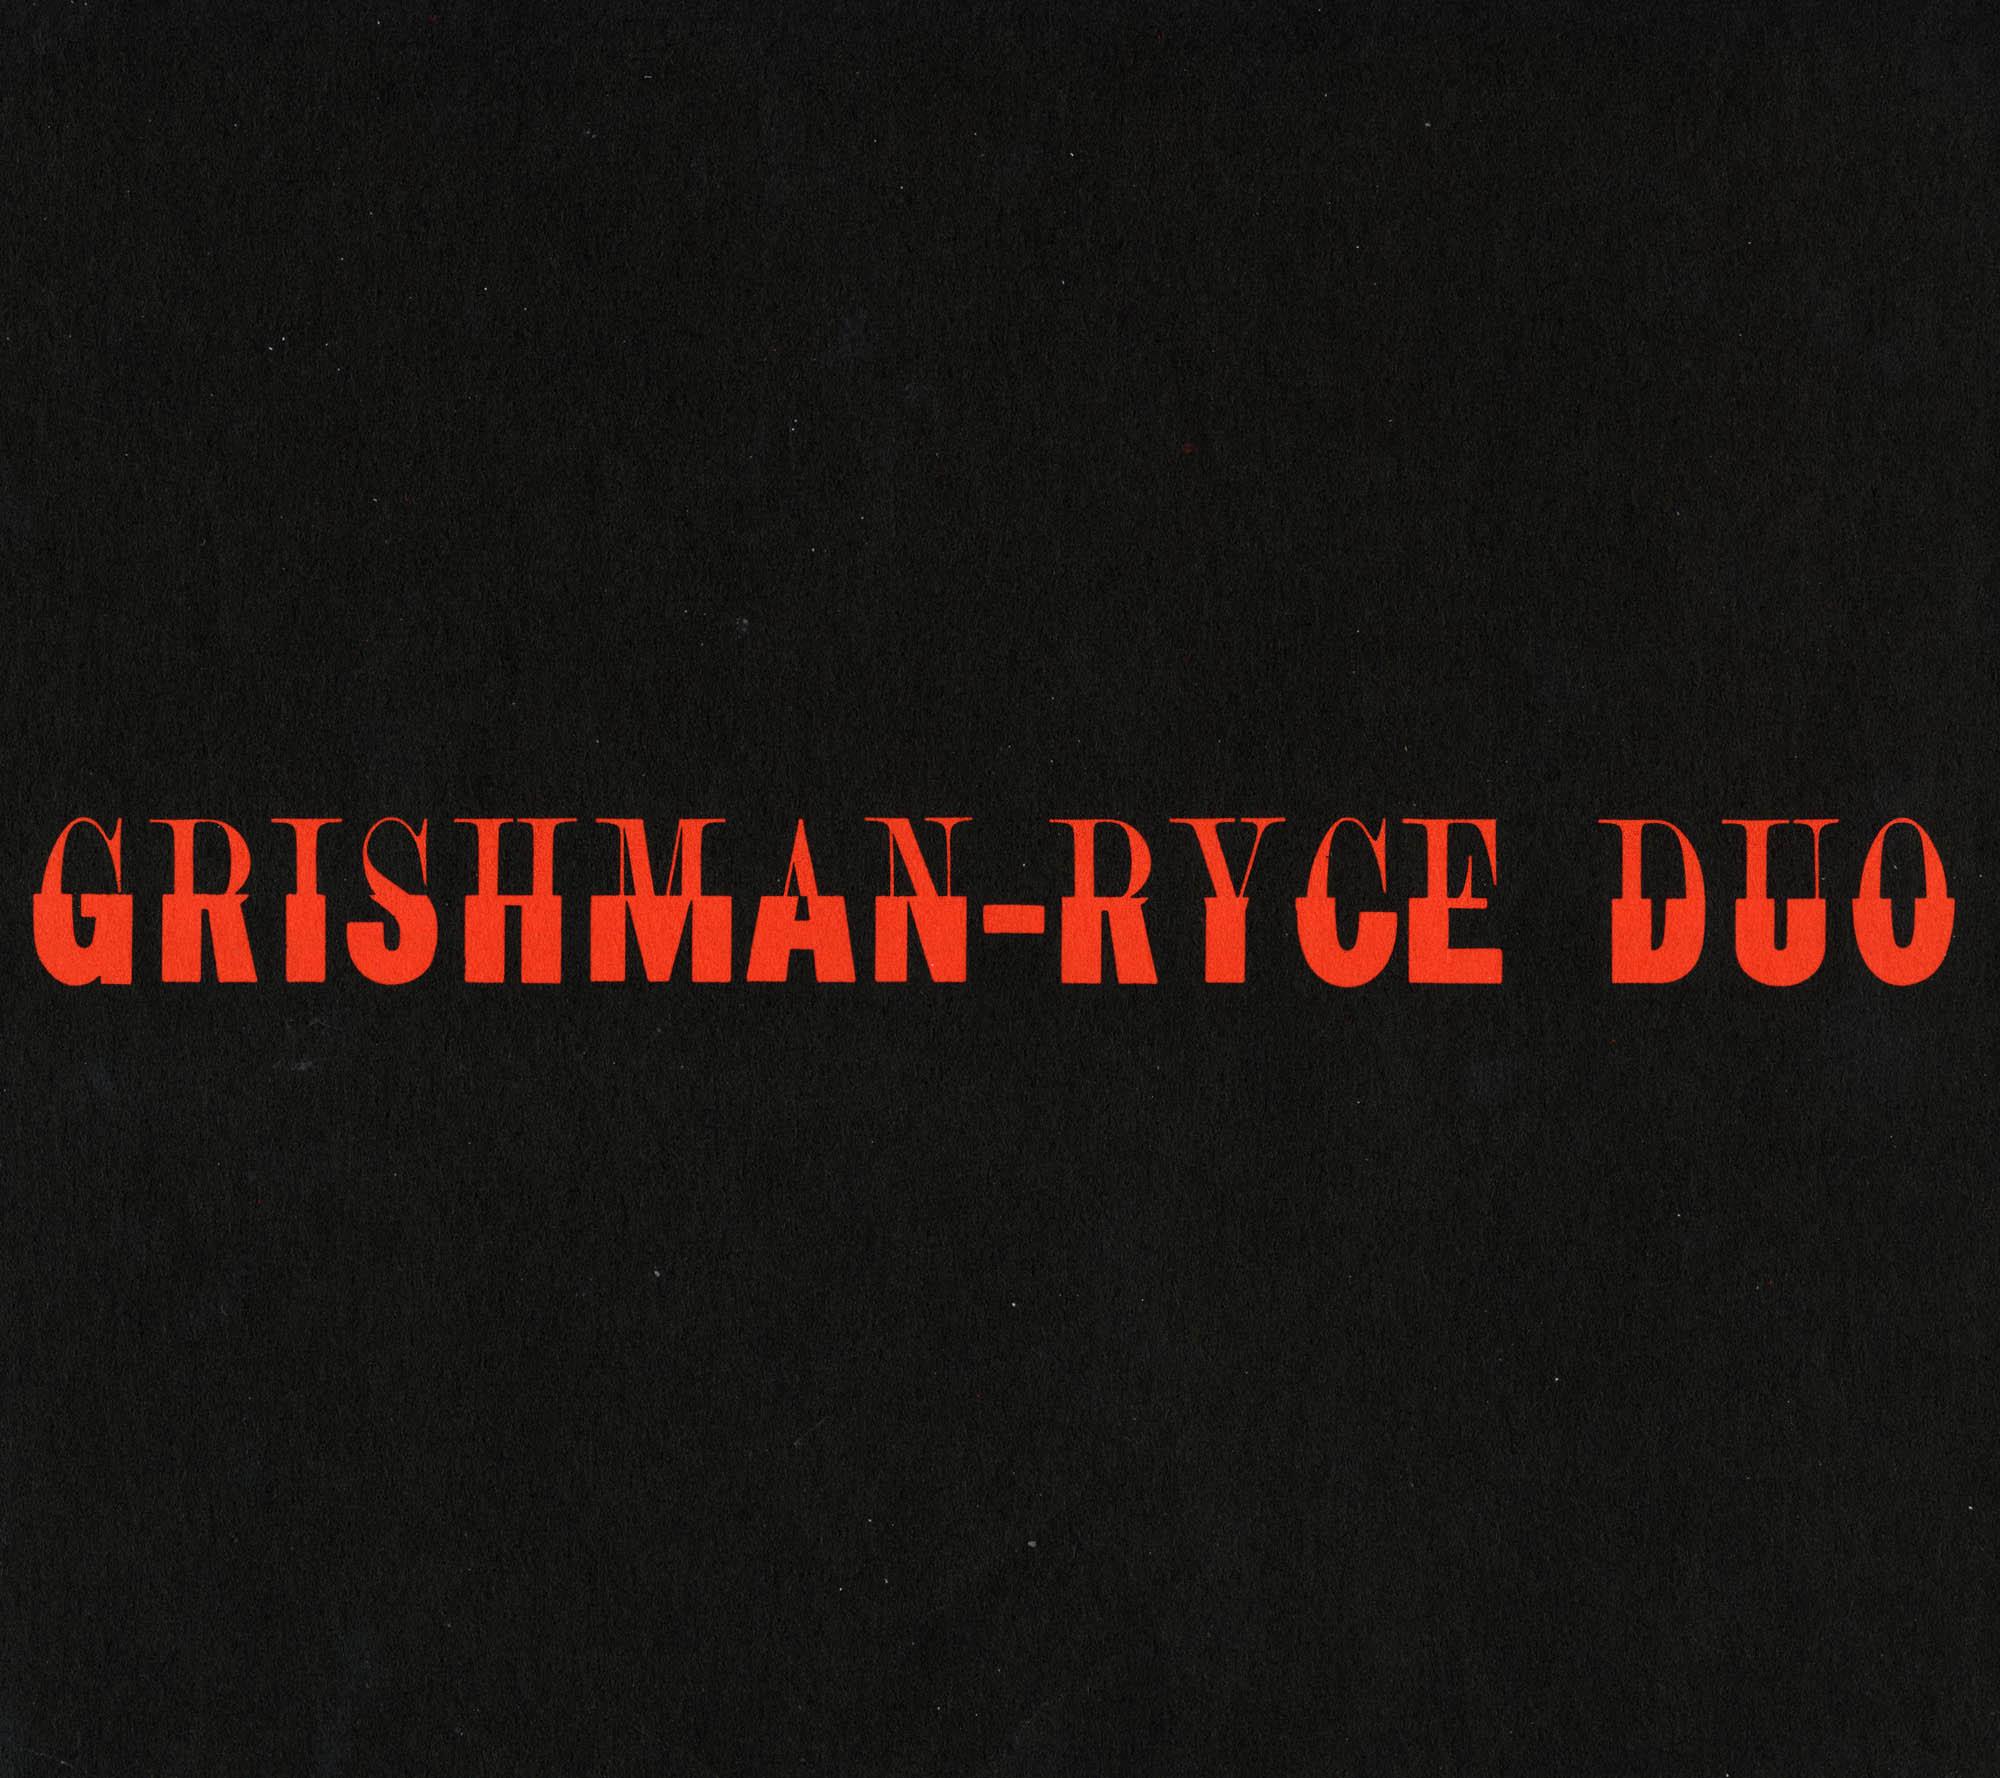 grishman duo